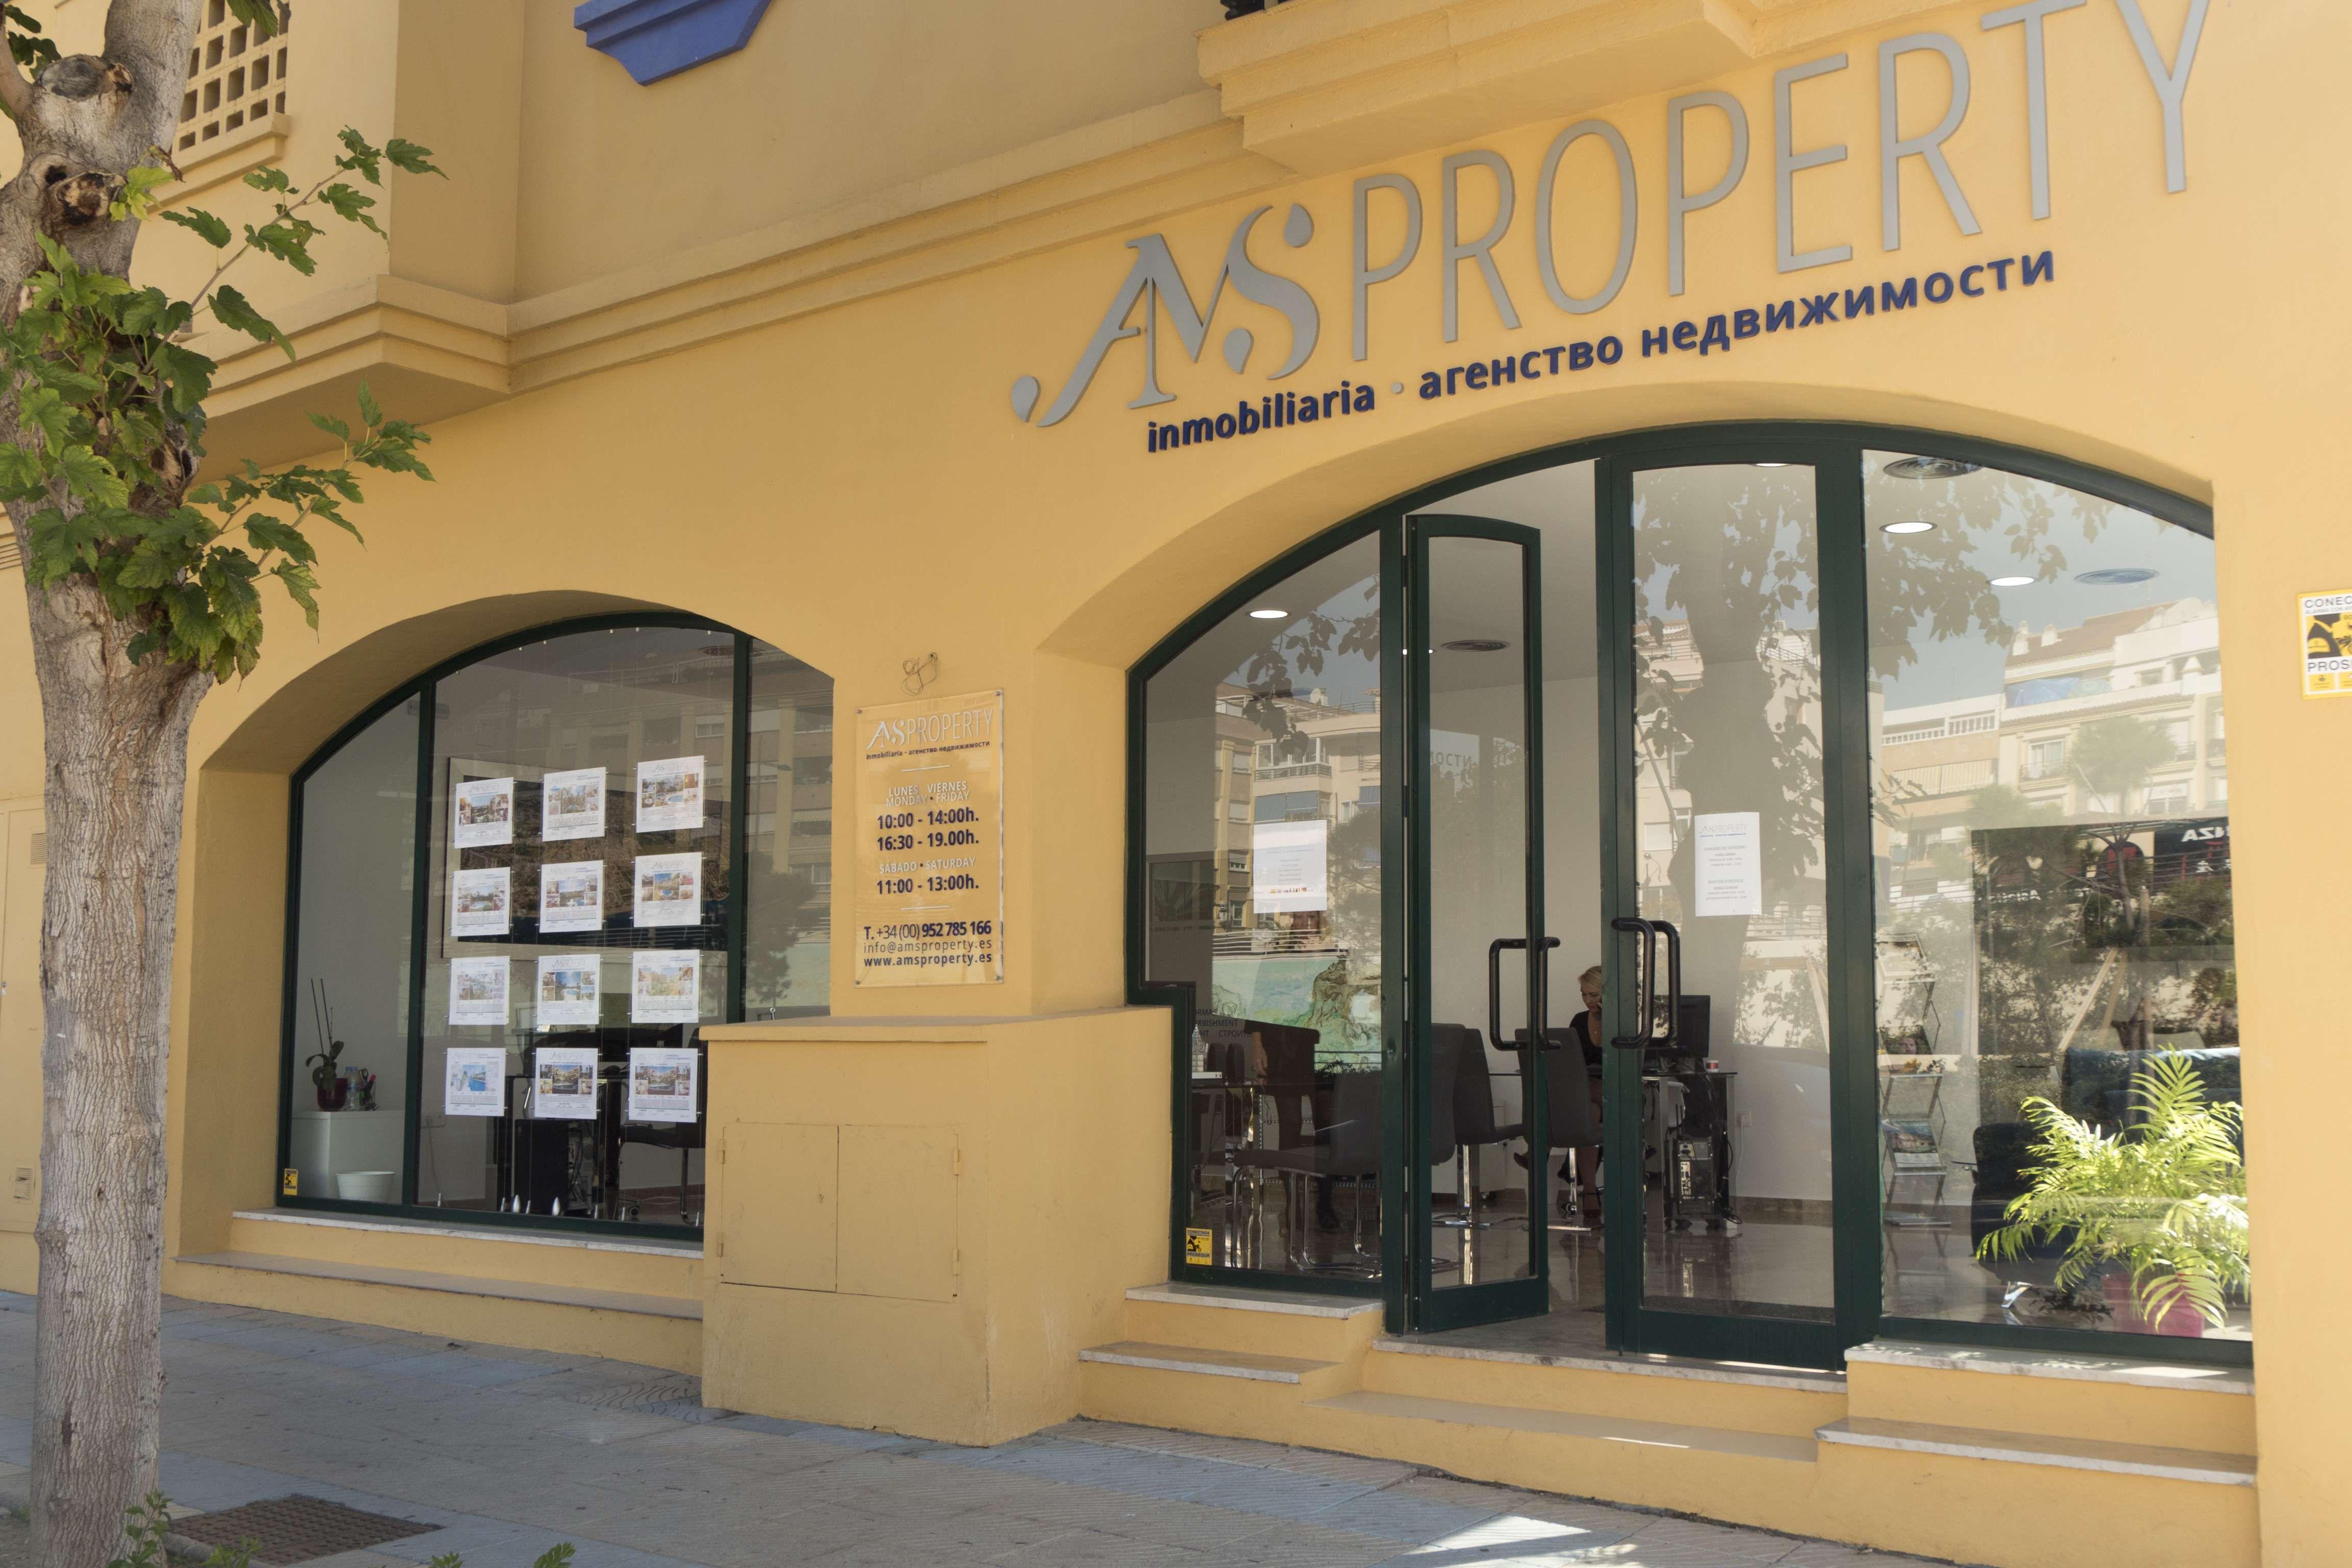 Compra-Venta de inmuebles en Marbella